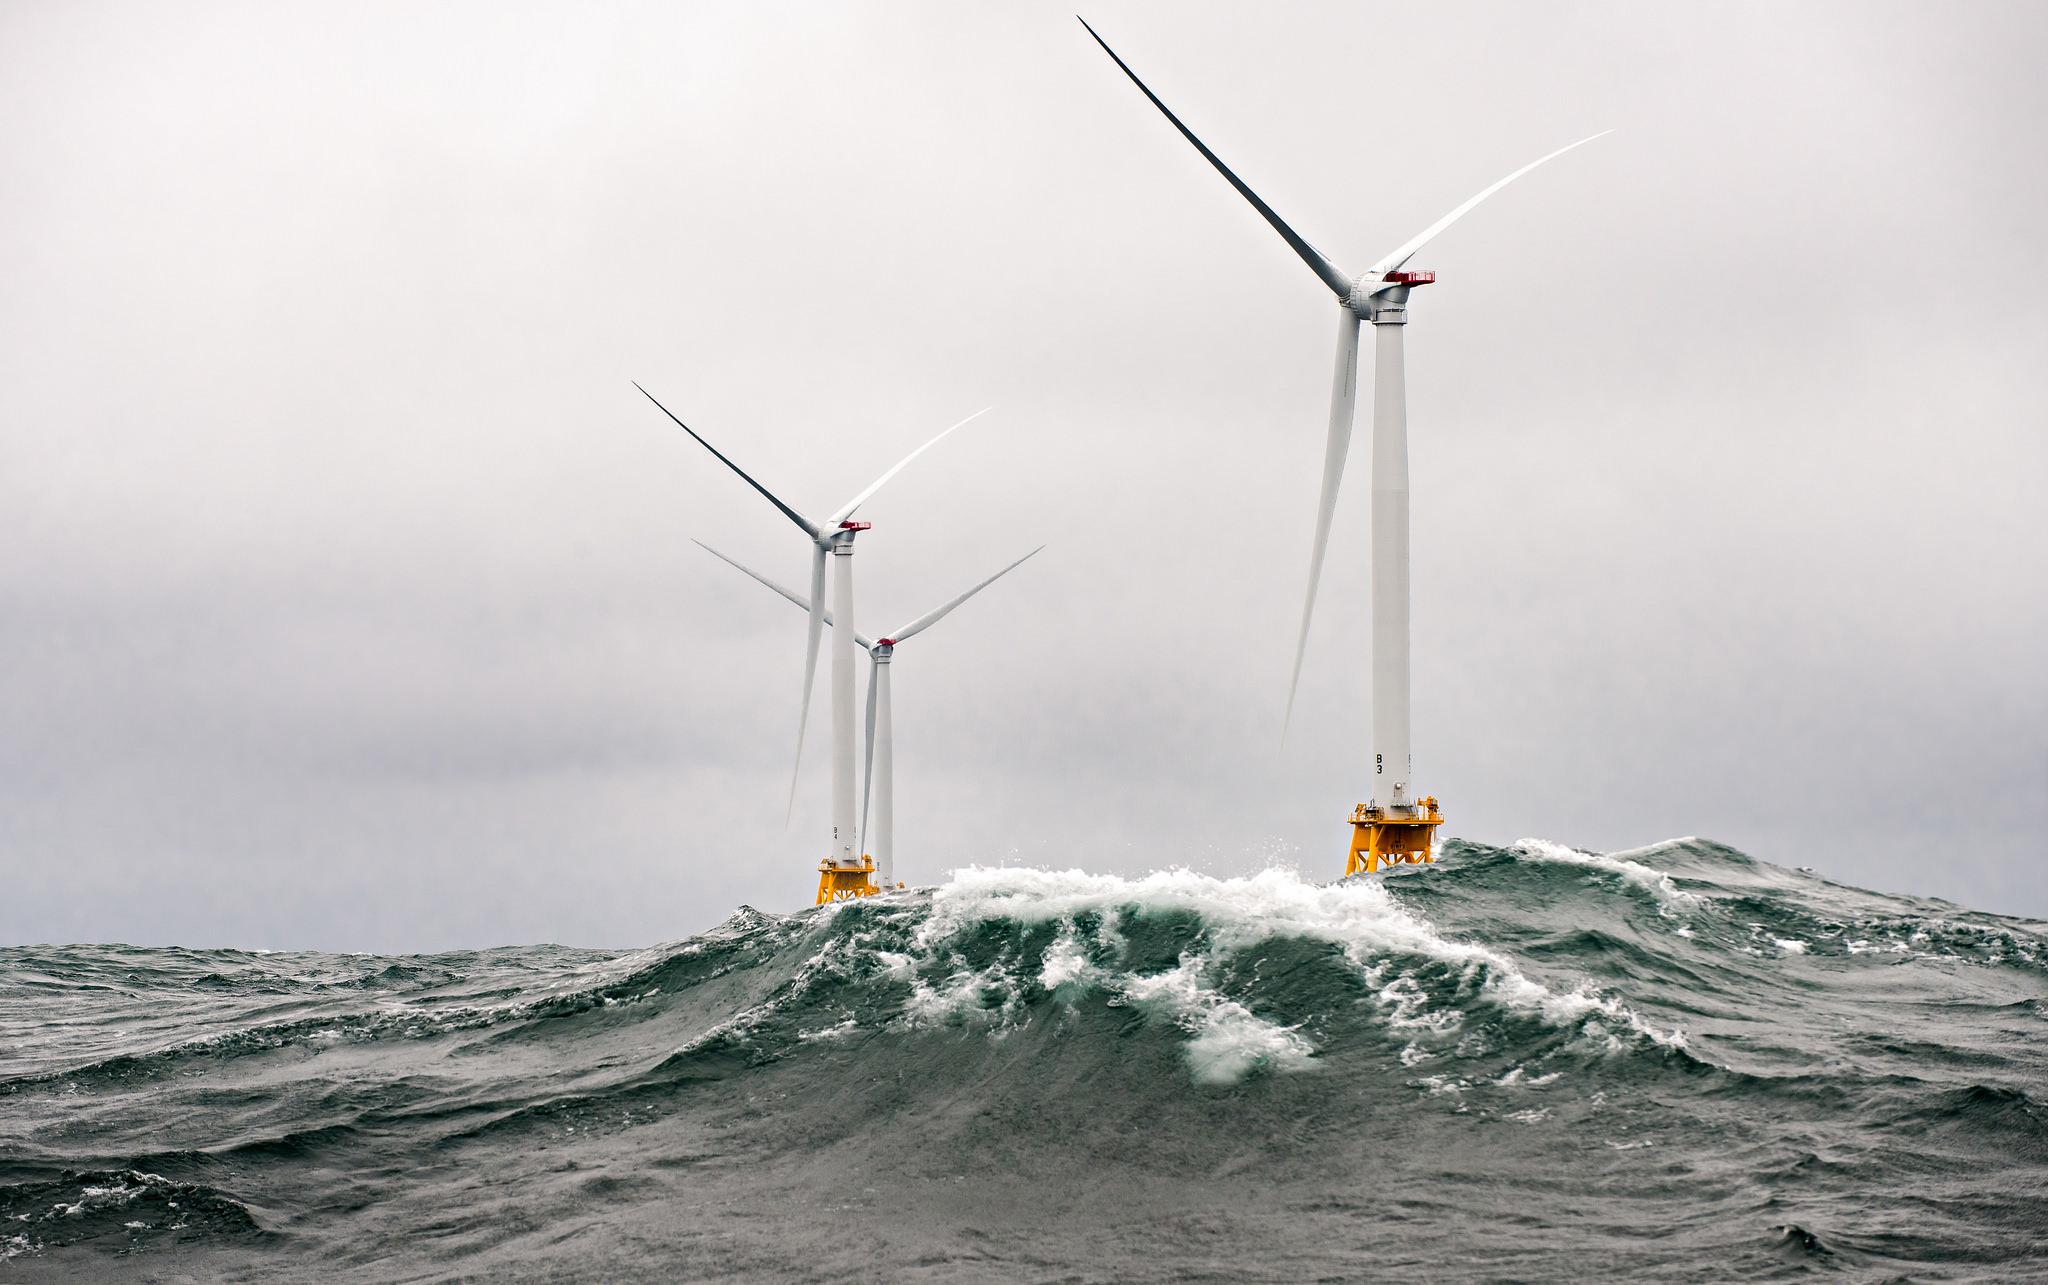 RCAMテクノロジーズとアキュコードが共同で海上風力発電機を製造